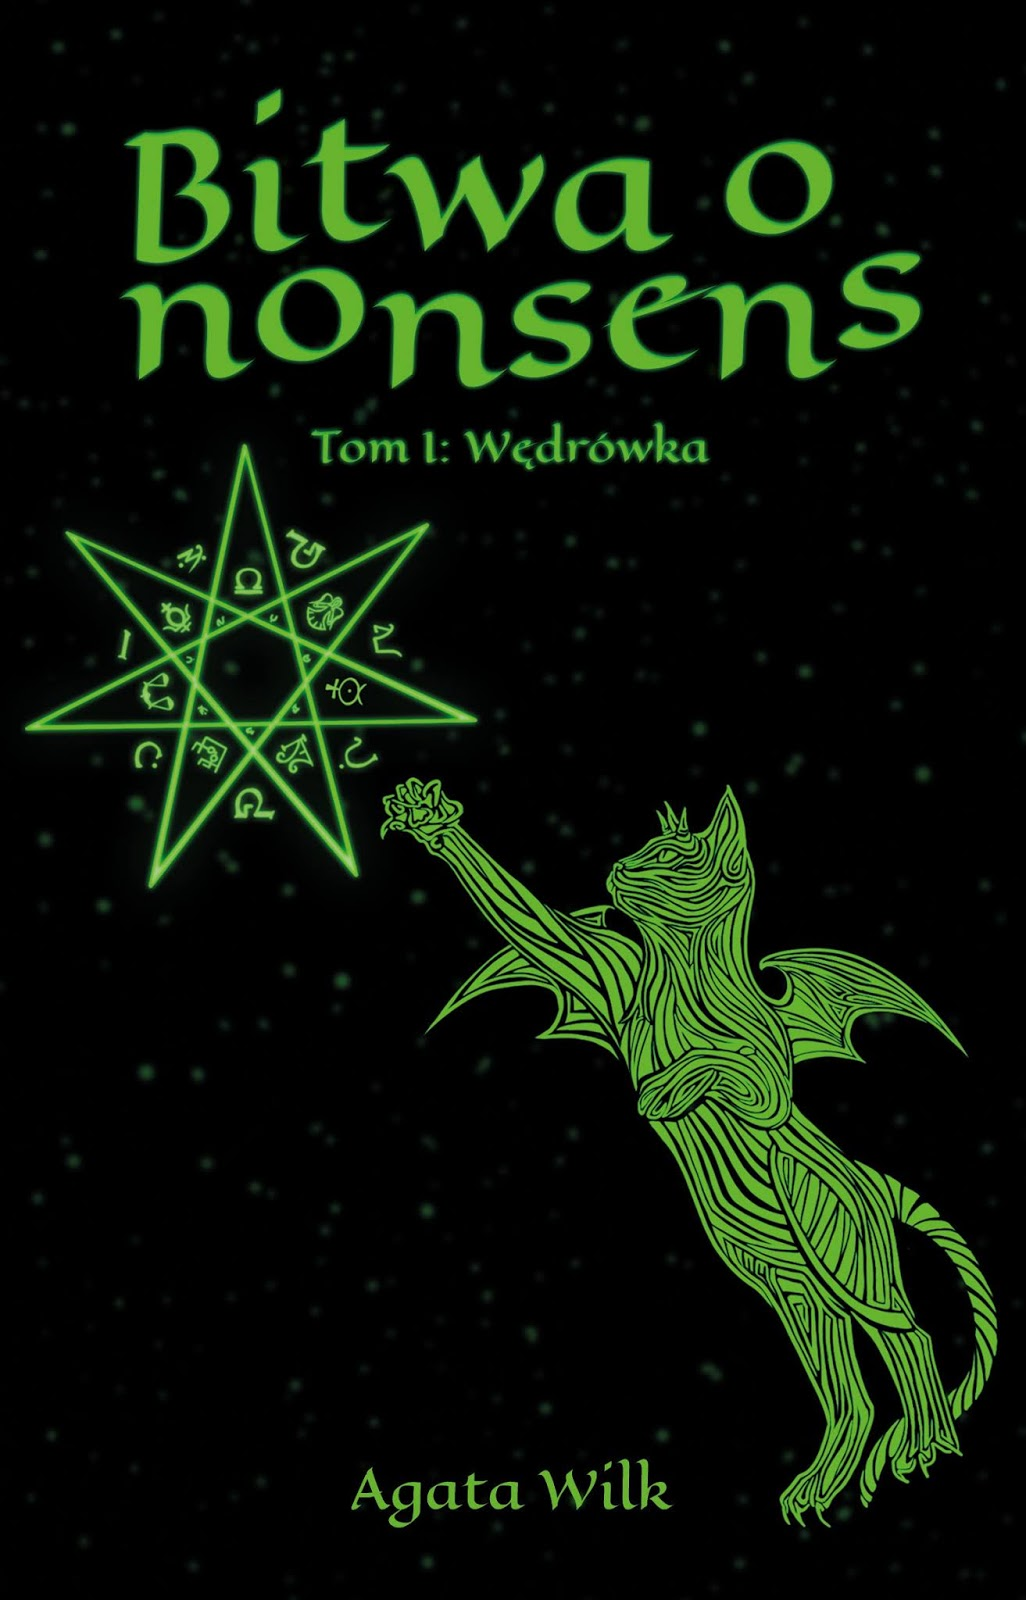 Bitwa o nonsens. Tom I - Wędrówka - Agata Wilk książka okładka przód